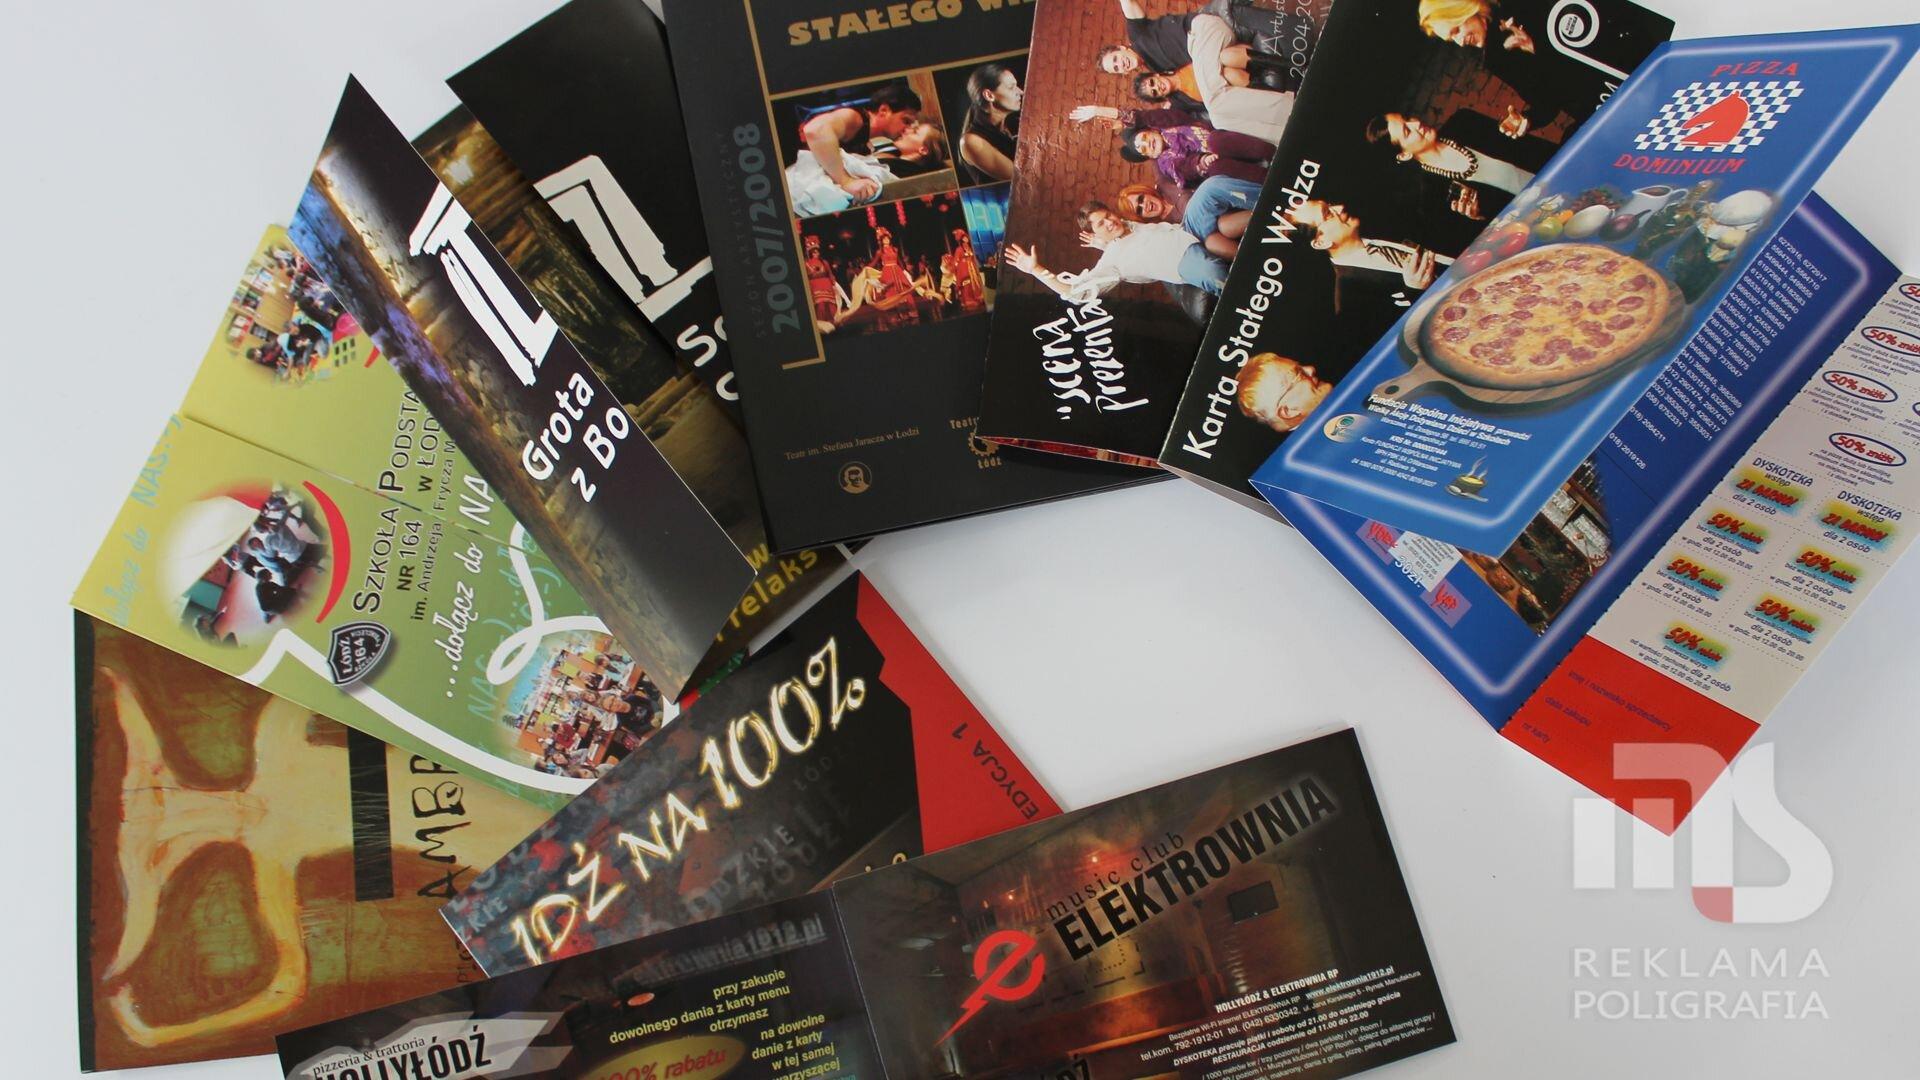 2021 2 druki -1920x1080 px-foldery